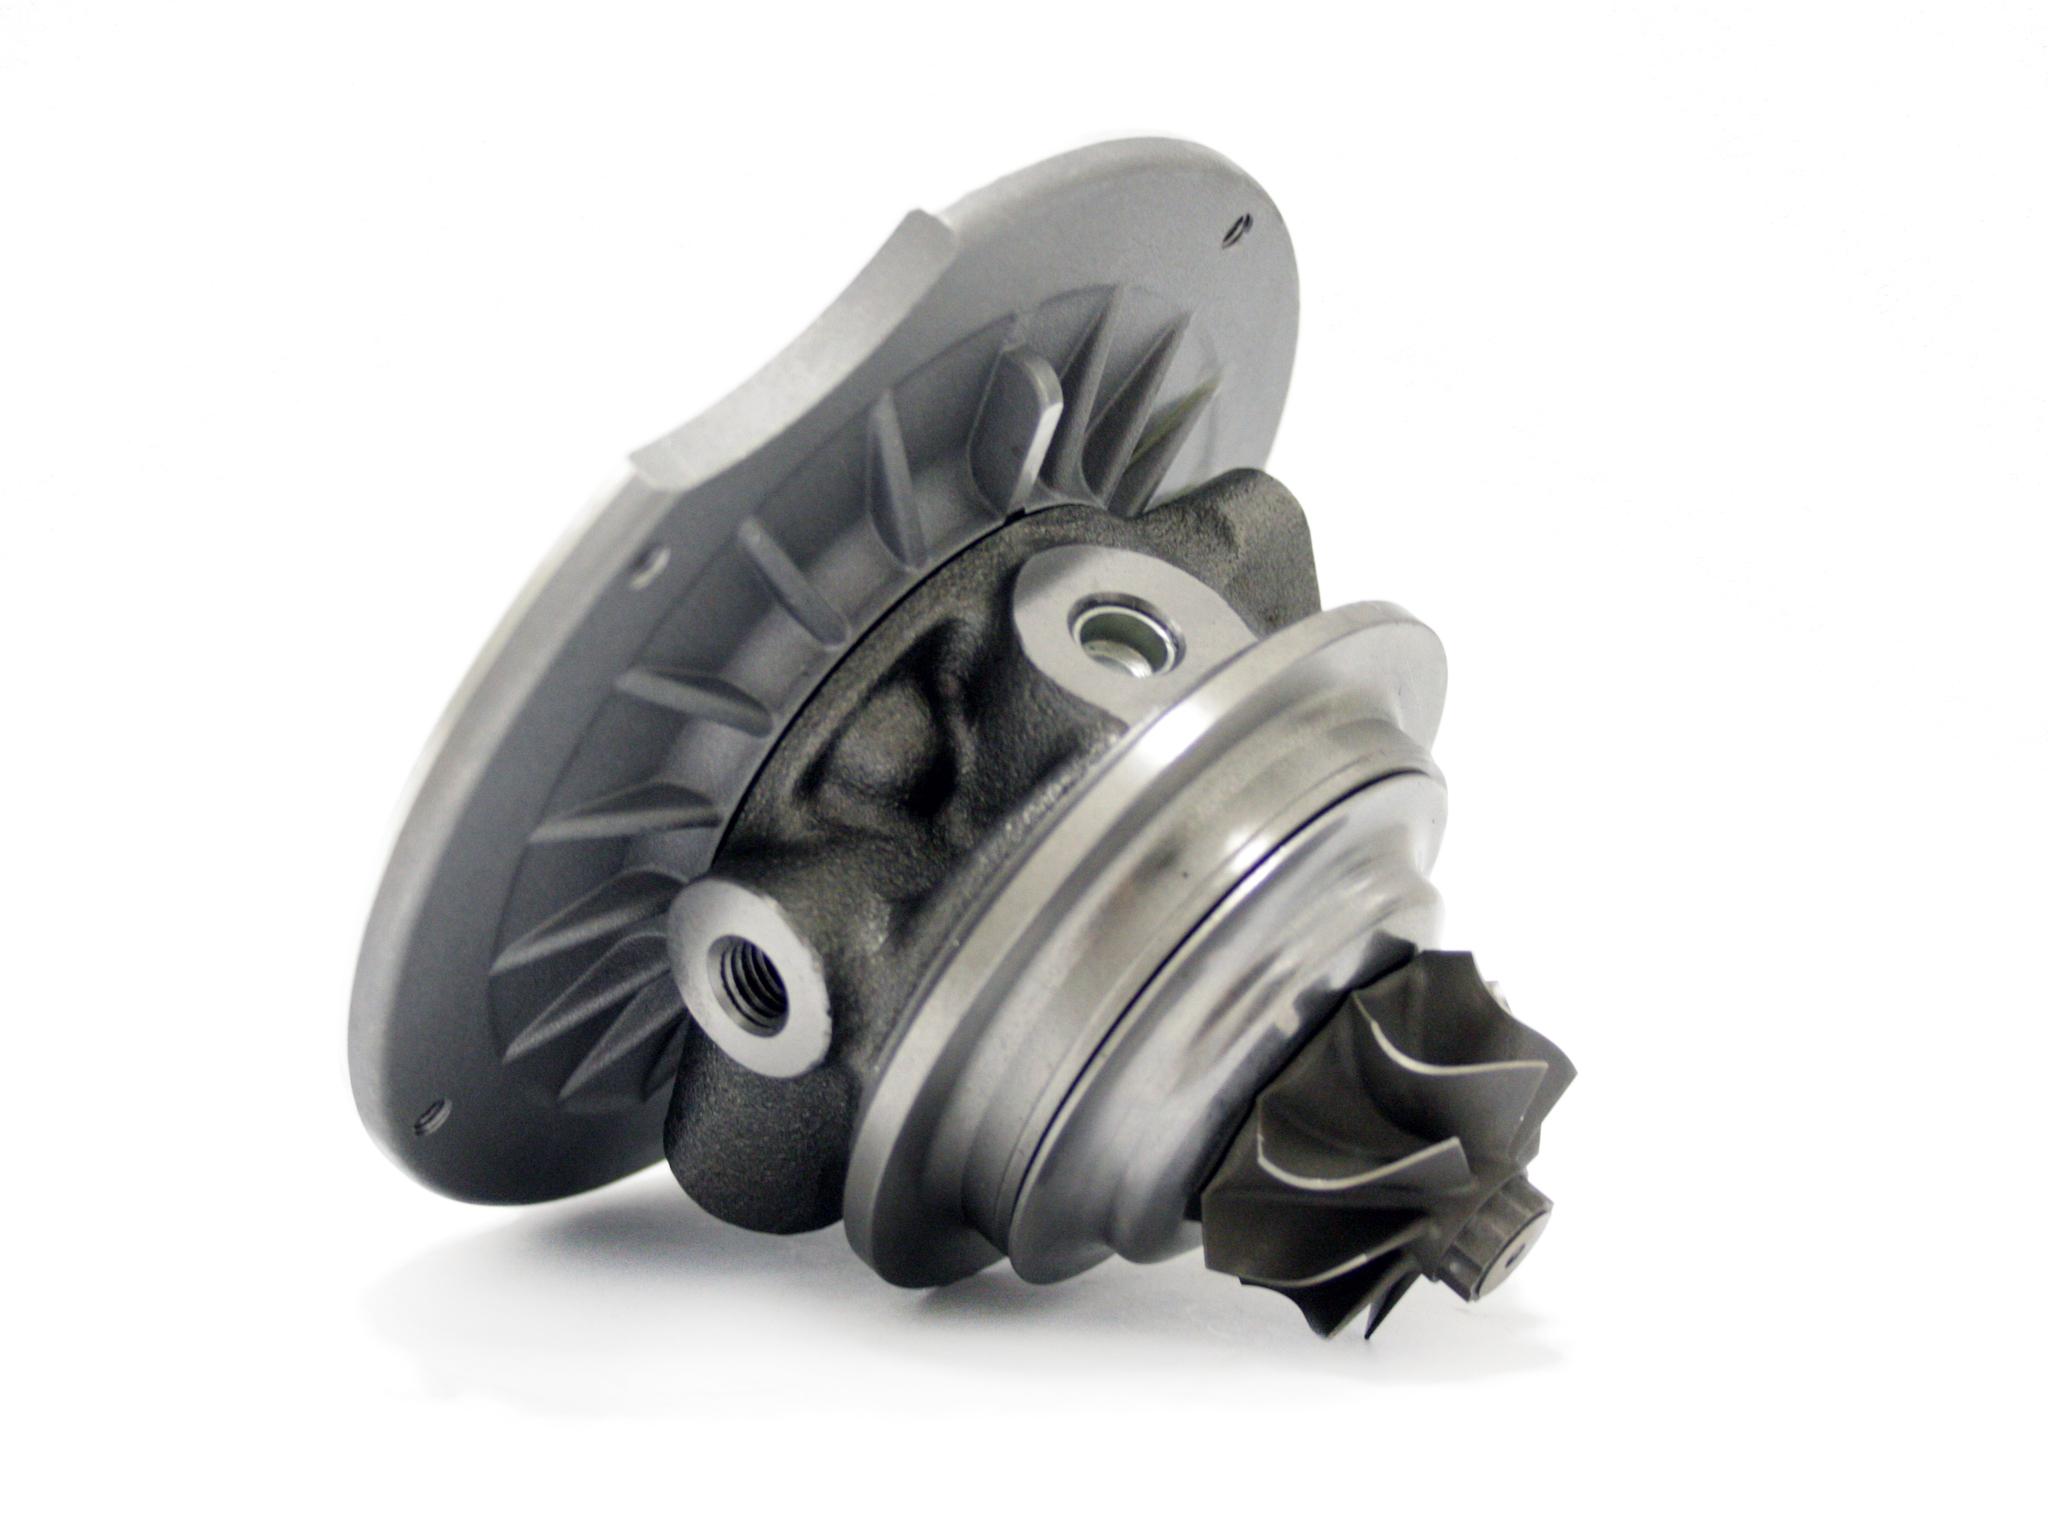 Картридж турбины RHF5 Опель 2.8 / 3.1 4JX1-T, 4JG2-T, 4JB1-T 115 / 159 л.с.